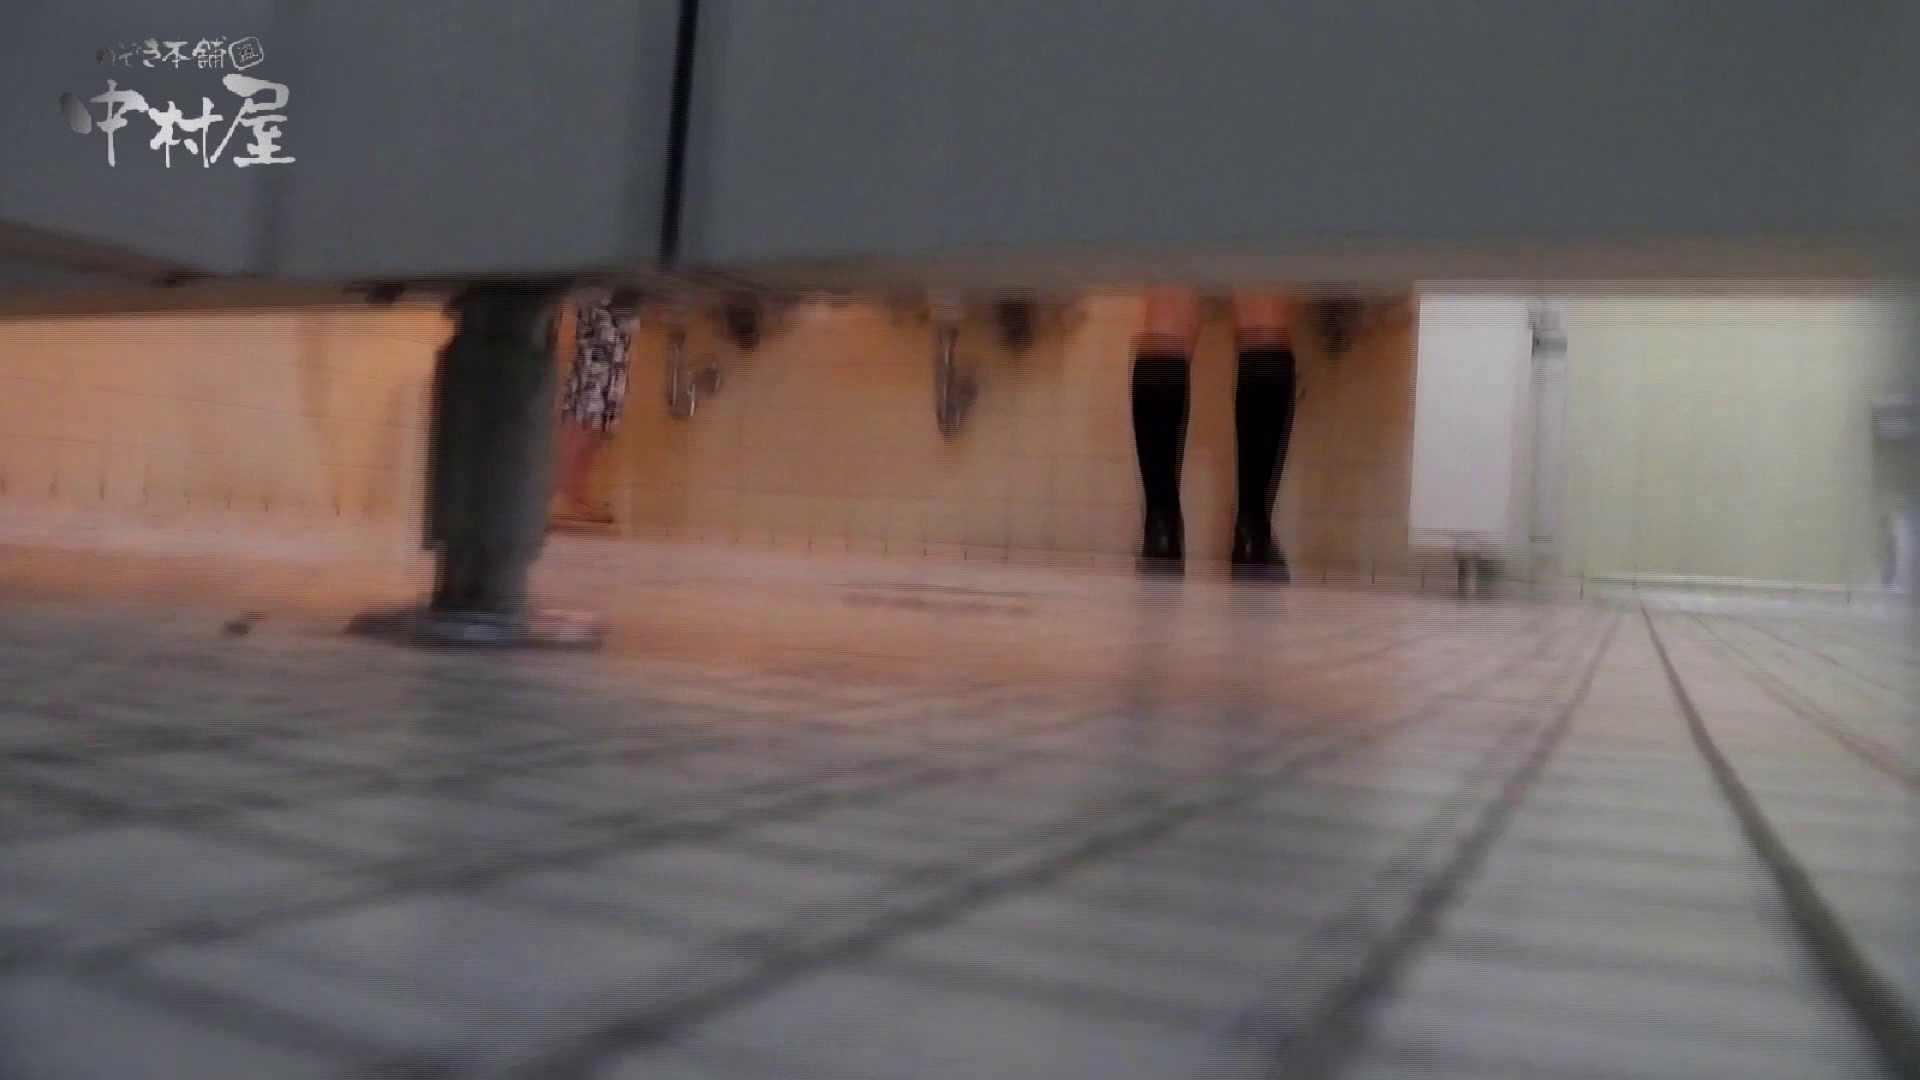 ▲期間限定D▲第三体育館潜入撮File032 進化4!機種変更!!全員現役。後編 人気シリーズ 濡れ場動画紹介 89連発 25